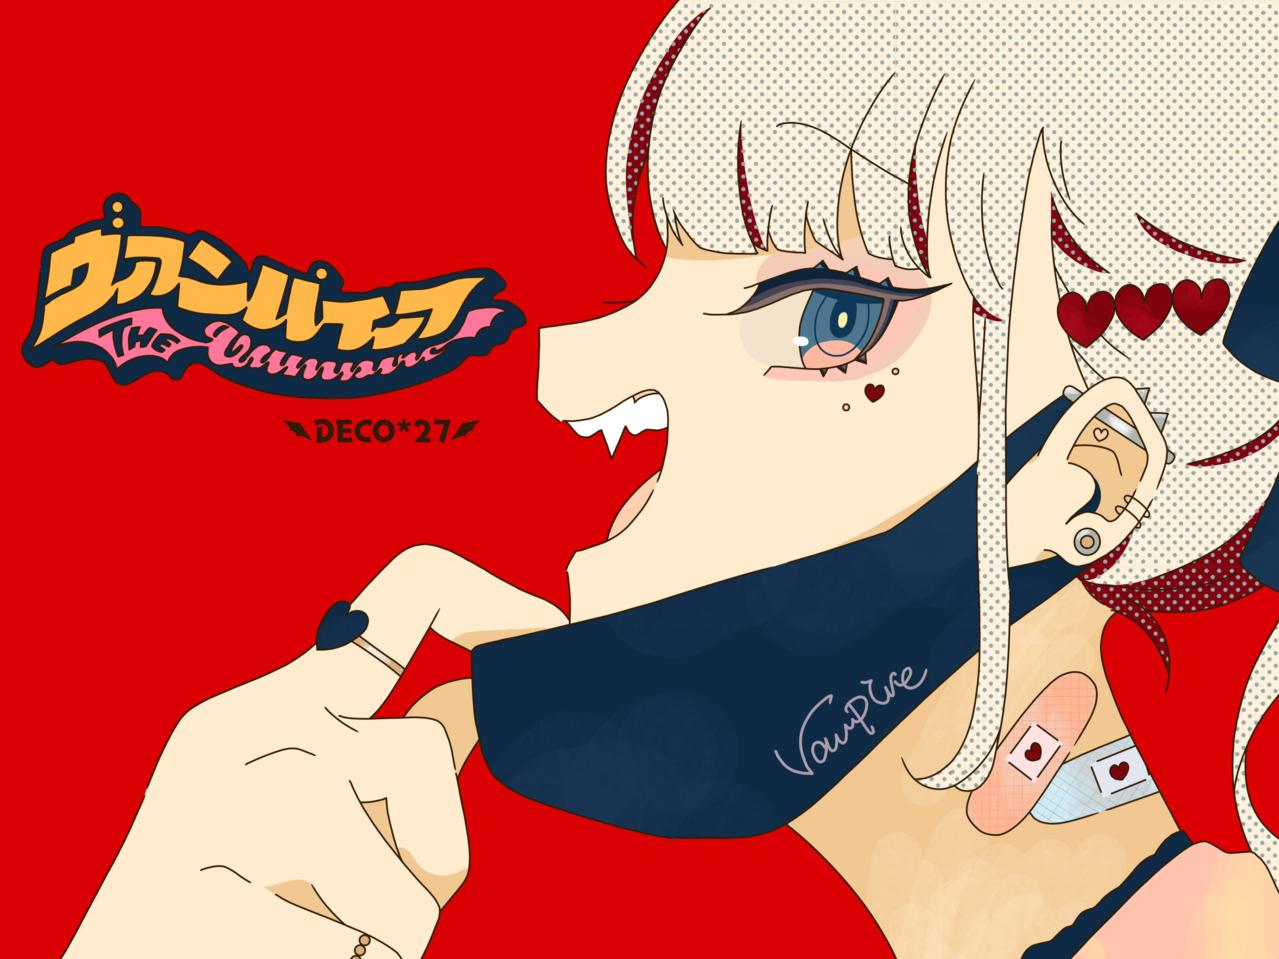 ヴァンパイア Illust of 桜 宮美 ボカロ曲 vampire 桜宮美 DECO*27